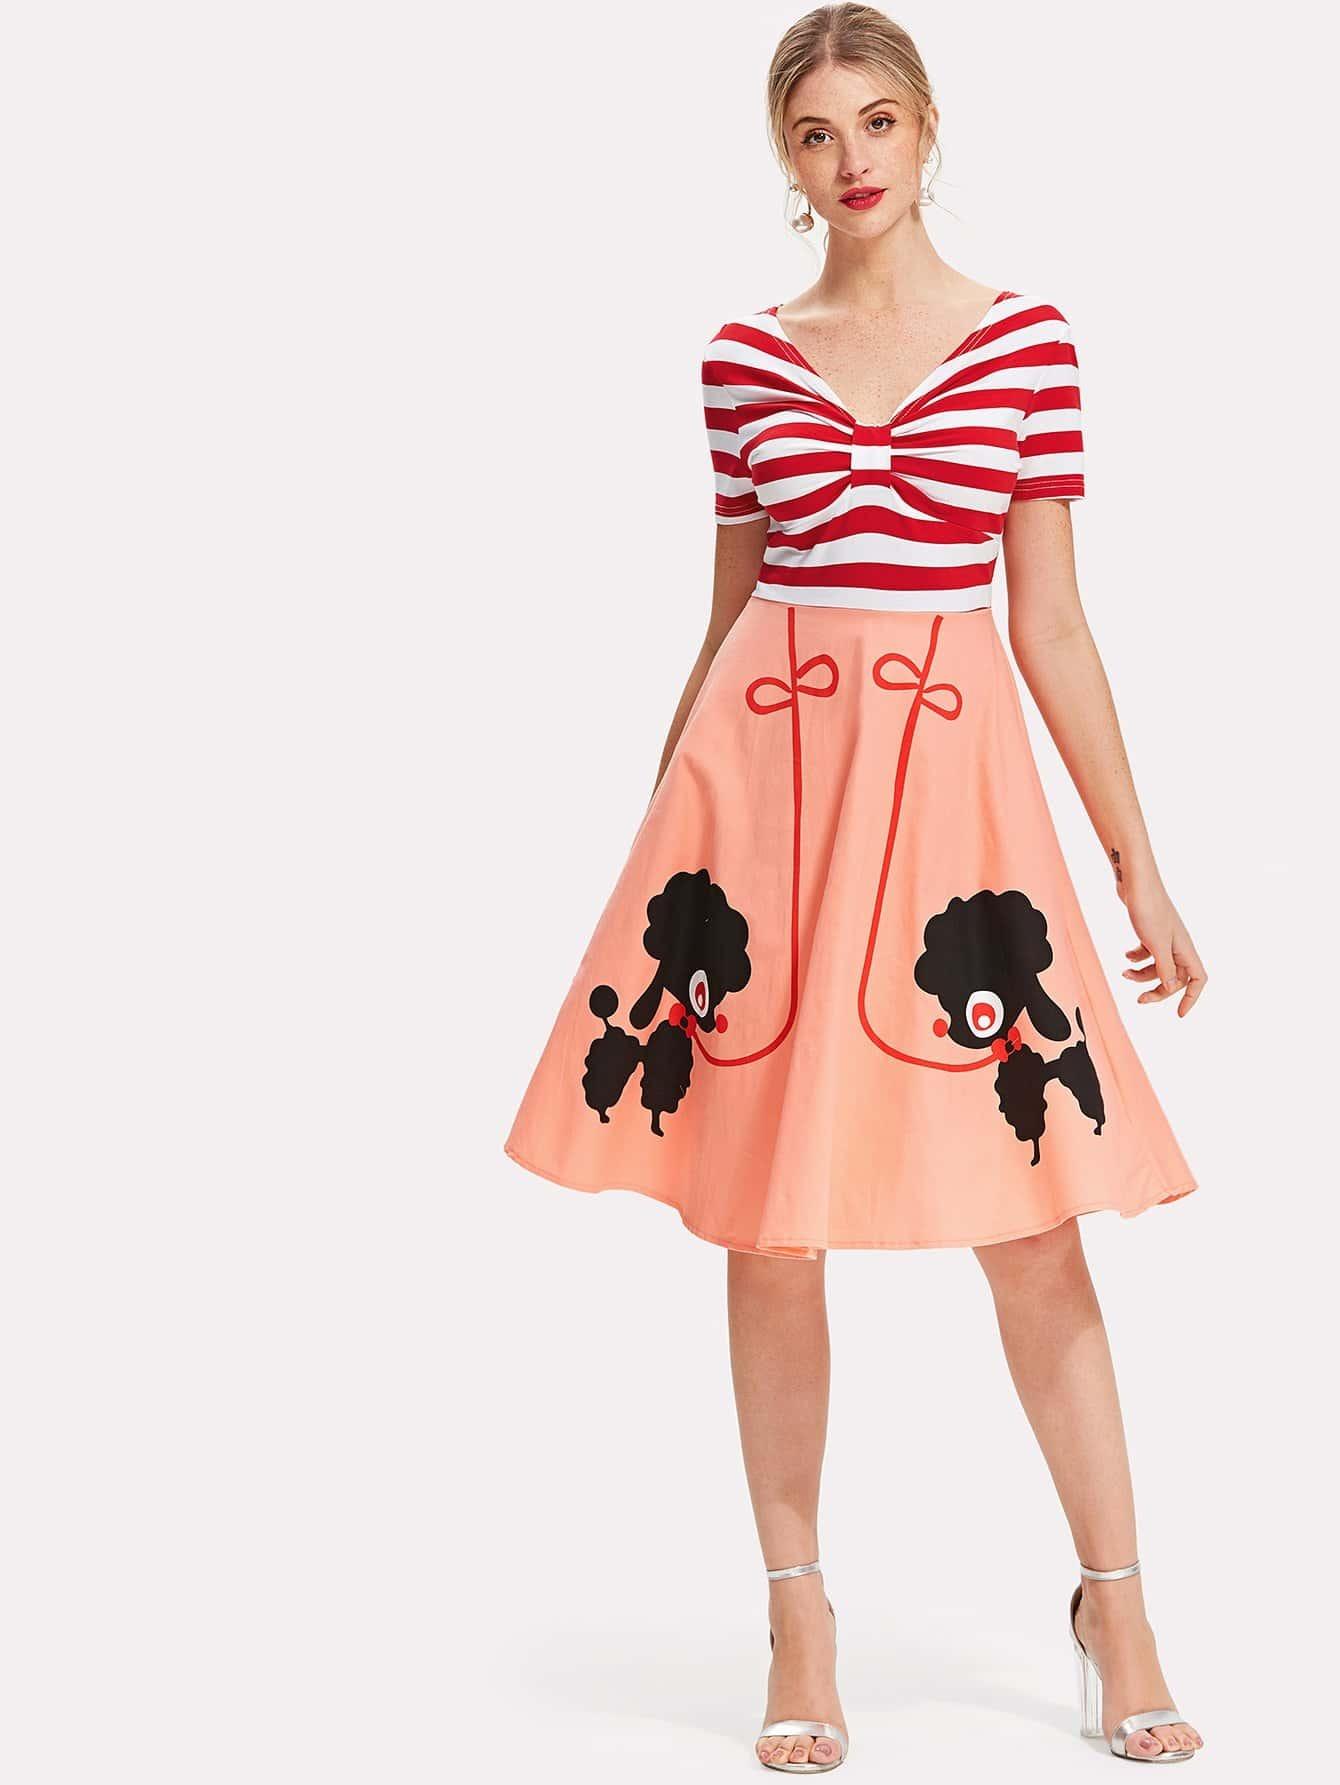 Cartoon Print Contrast Striped Dress contrast lace striped star print dress